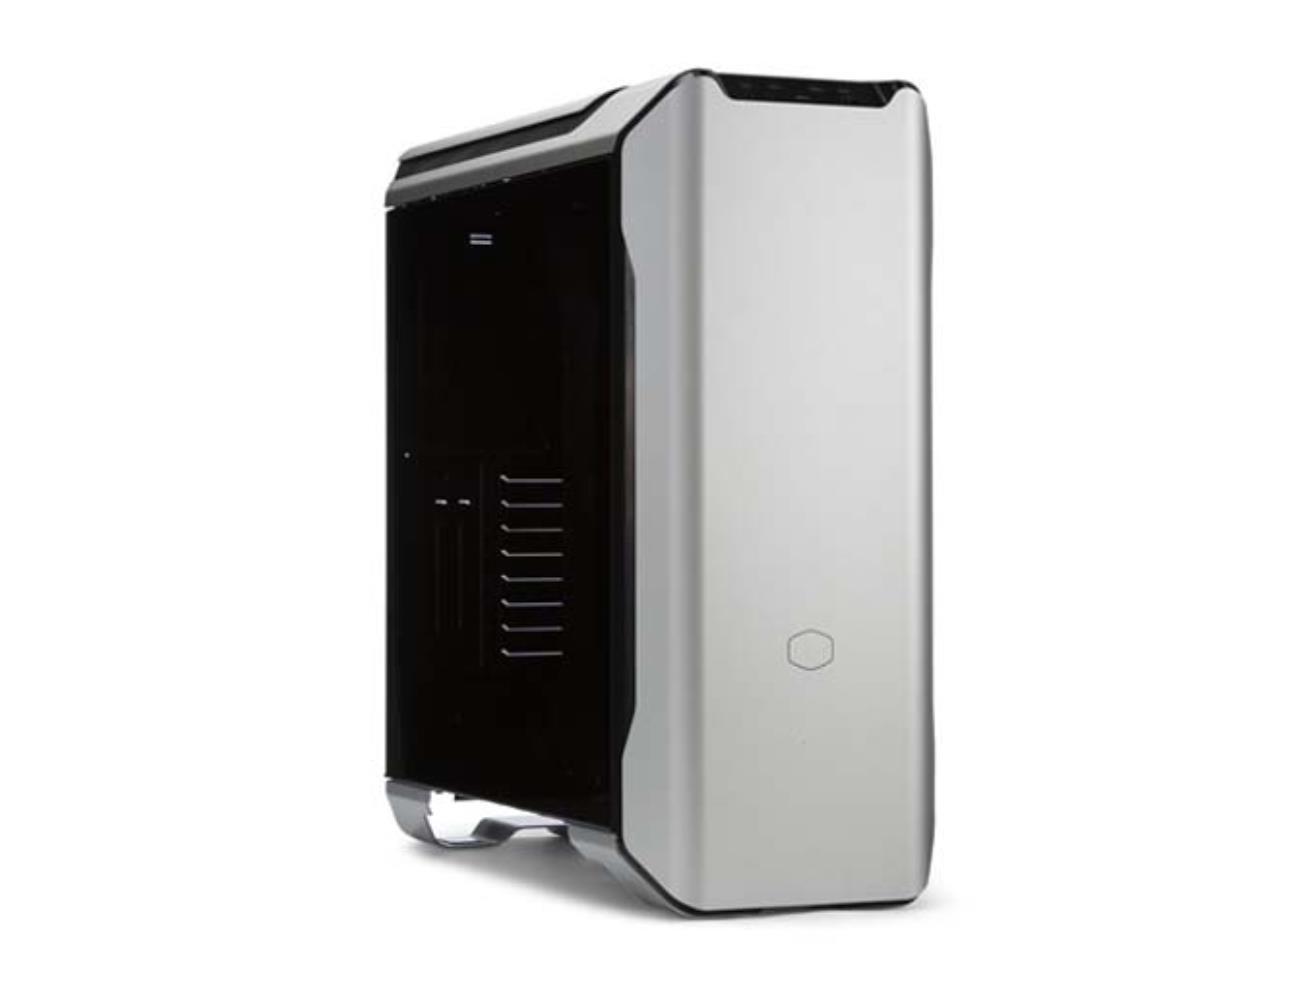 Gaming PC -Intel Core i7-9700K Processor, 32GB DDR4 RAM, 256GB SSD